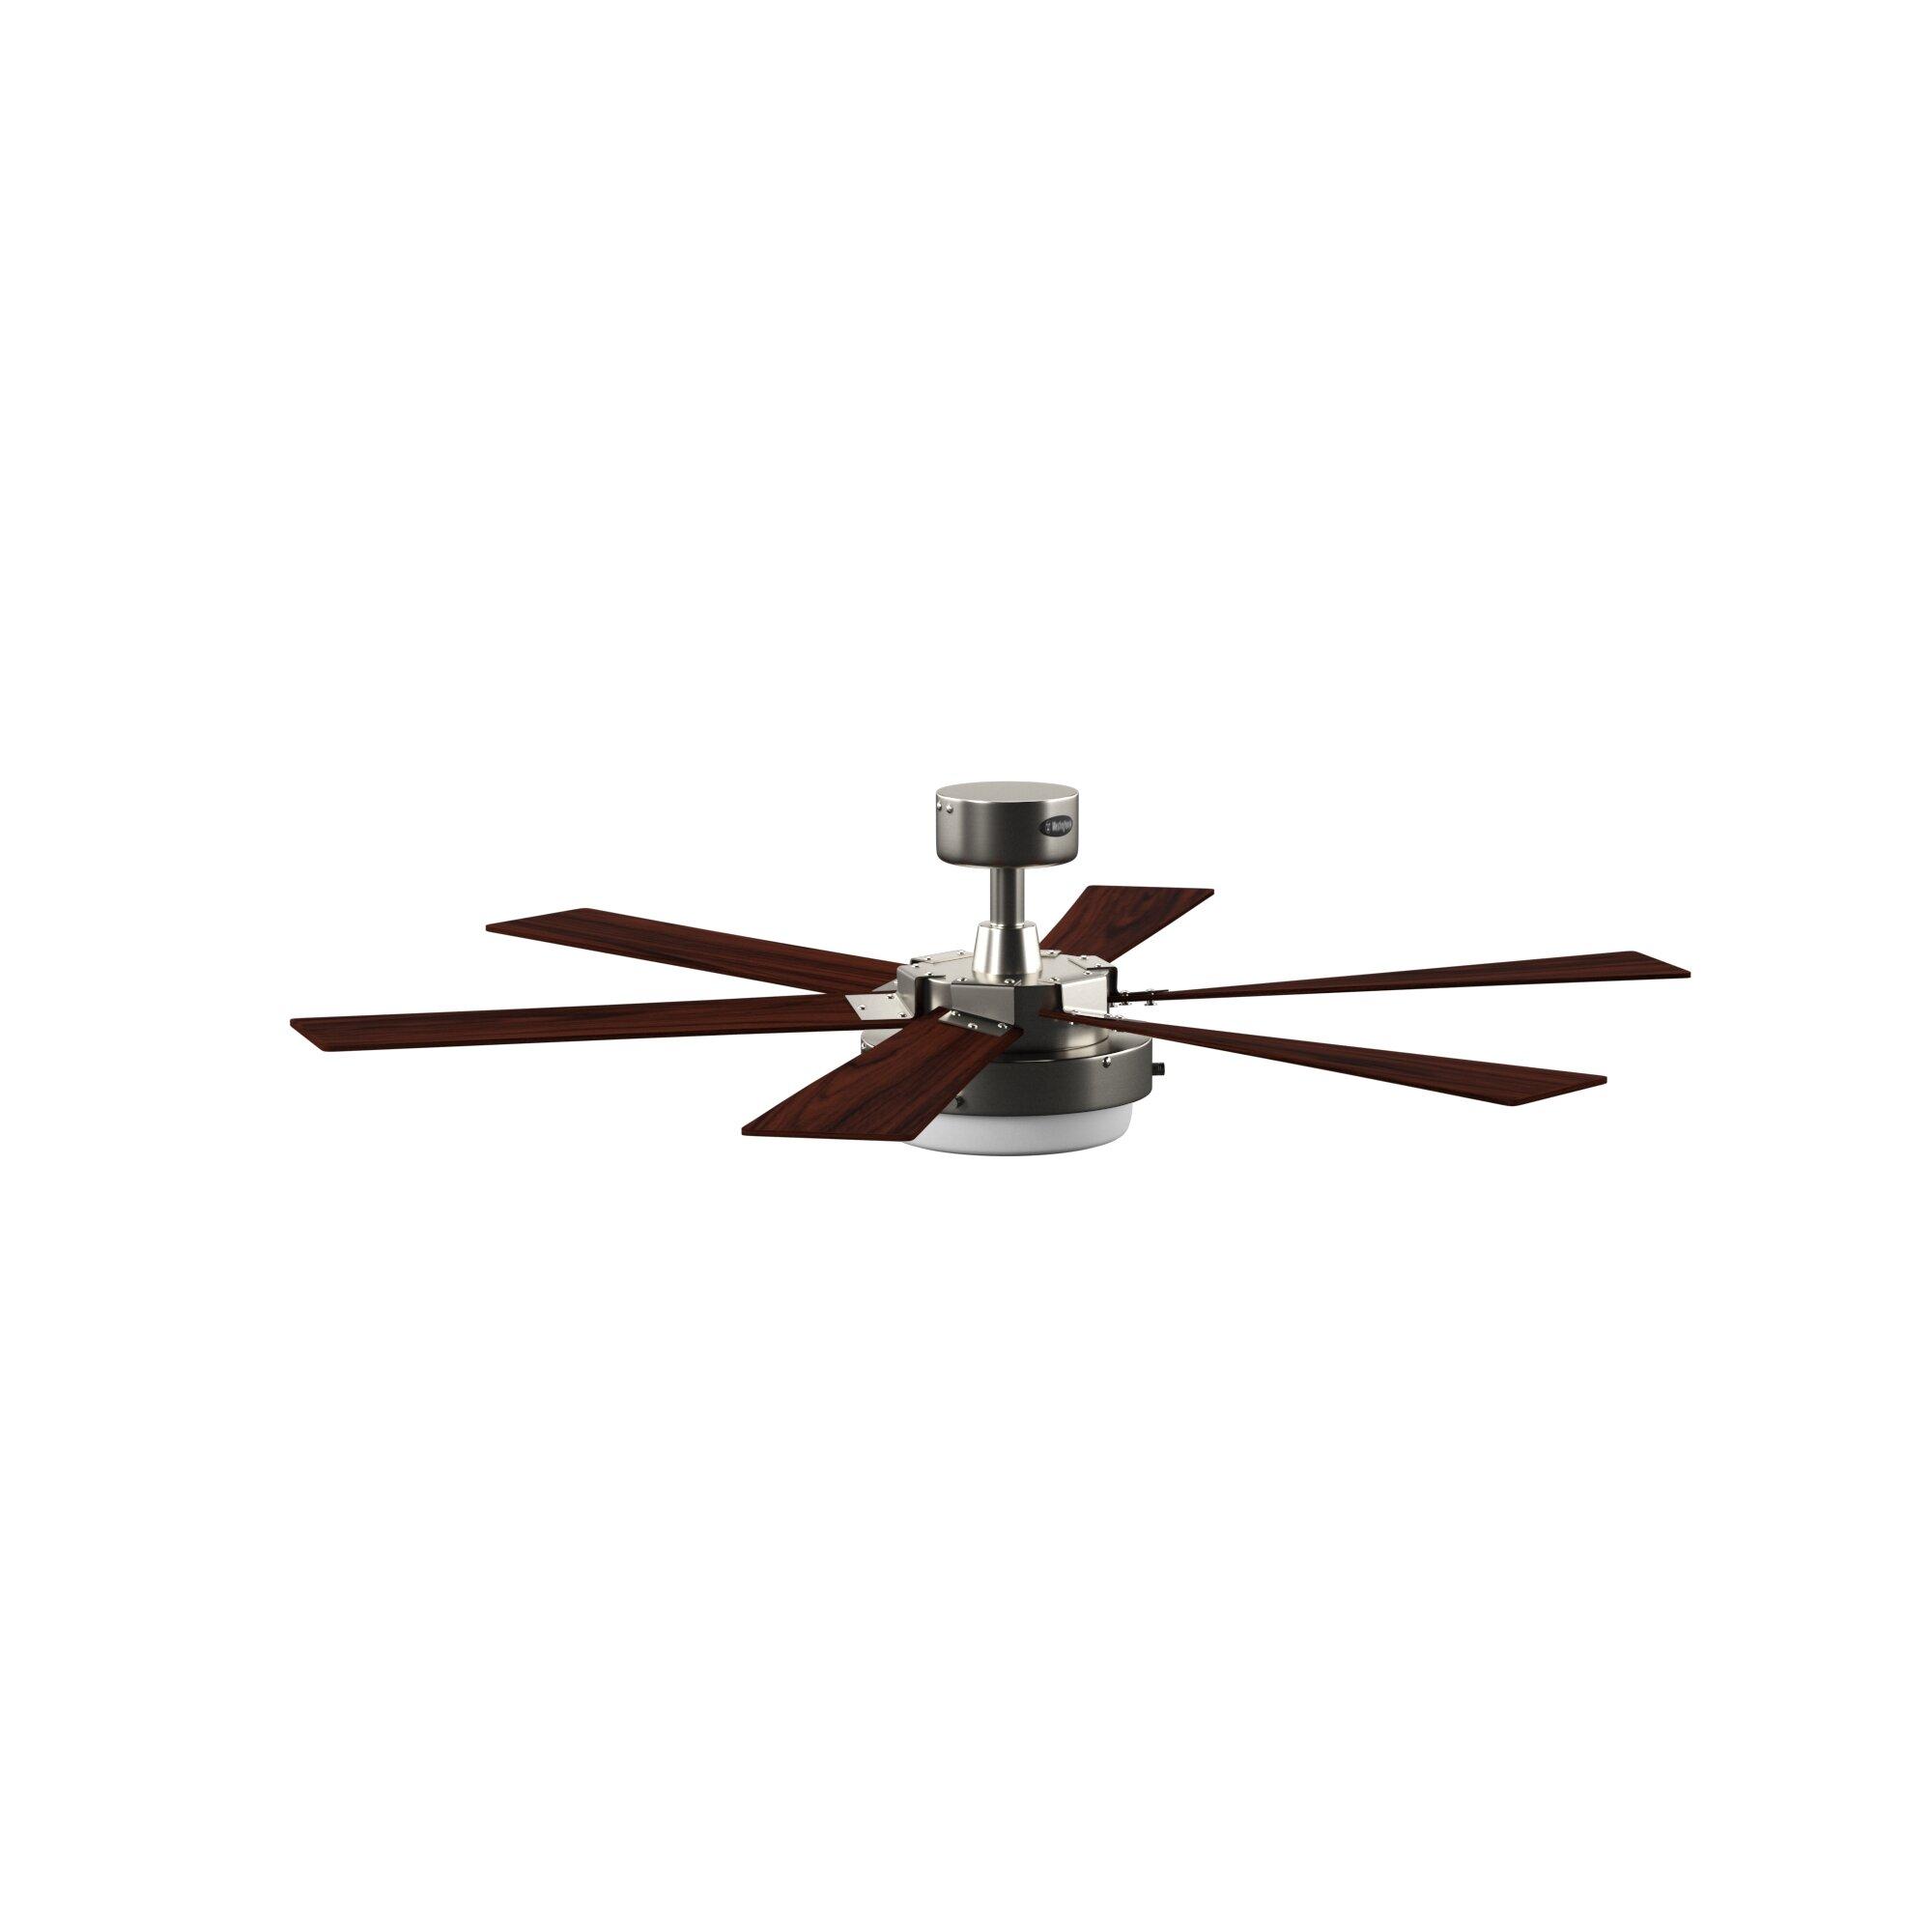 52 Corsa 6 Blade Led Ceiling Fan Light Kit Included Reviews Allmodern